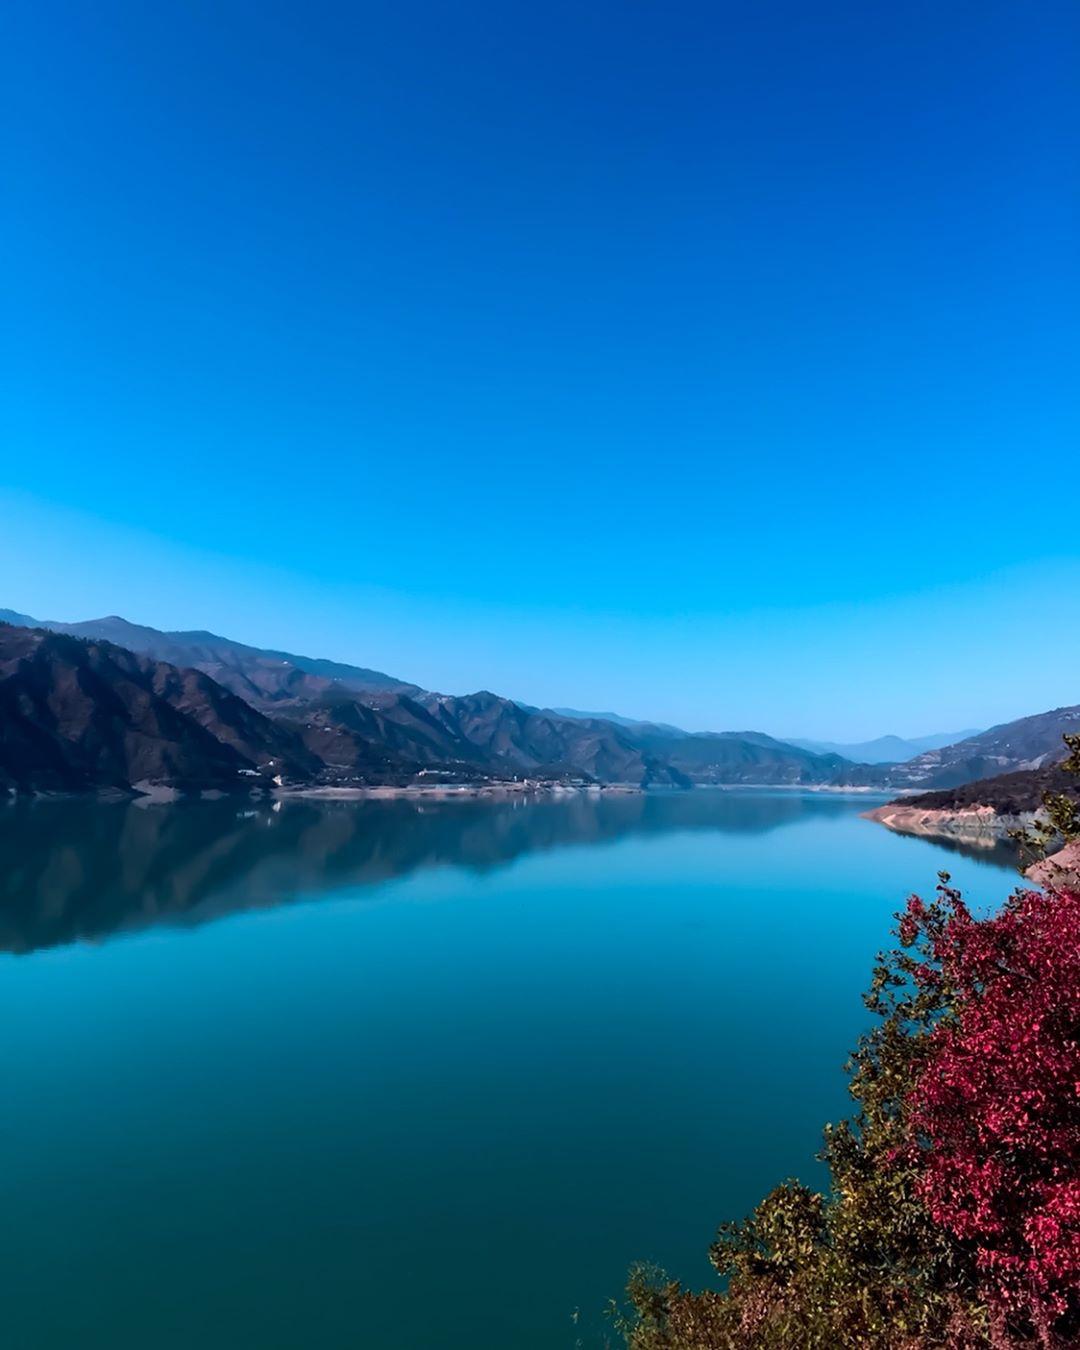 Tehri Dam & Tehri Lake